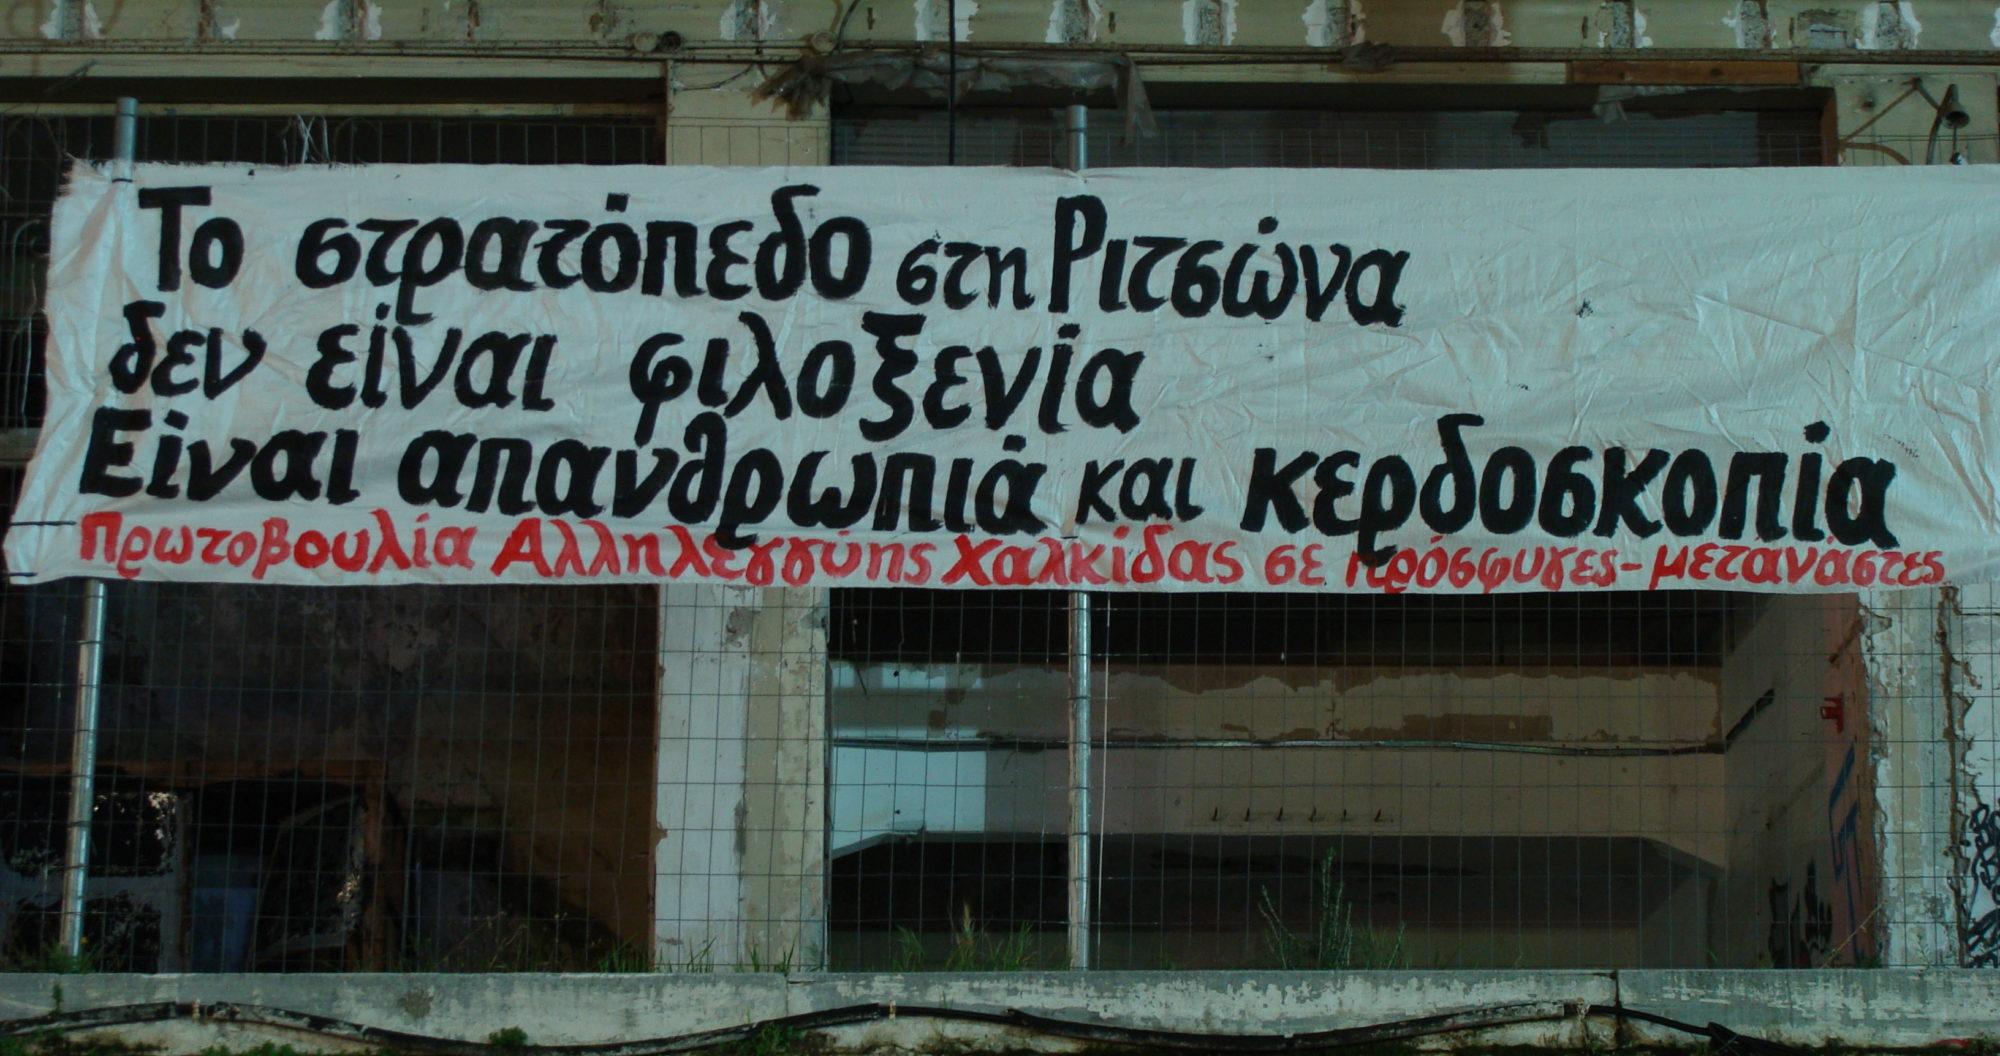 Πρωτοβουλια αλληλεγγυης χαλκιδας σε προσφυγες-μεταναστες/στριες